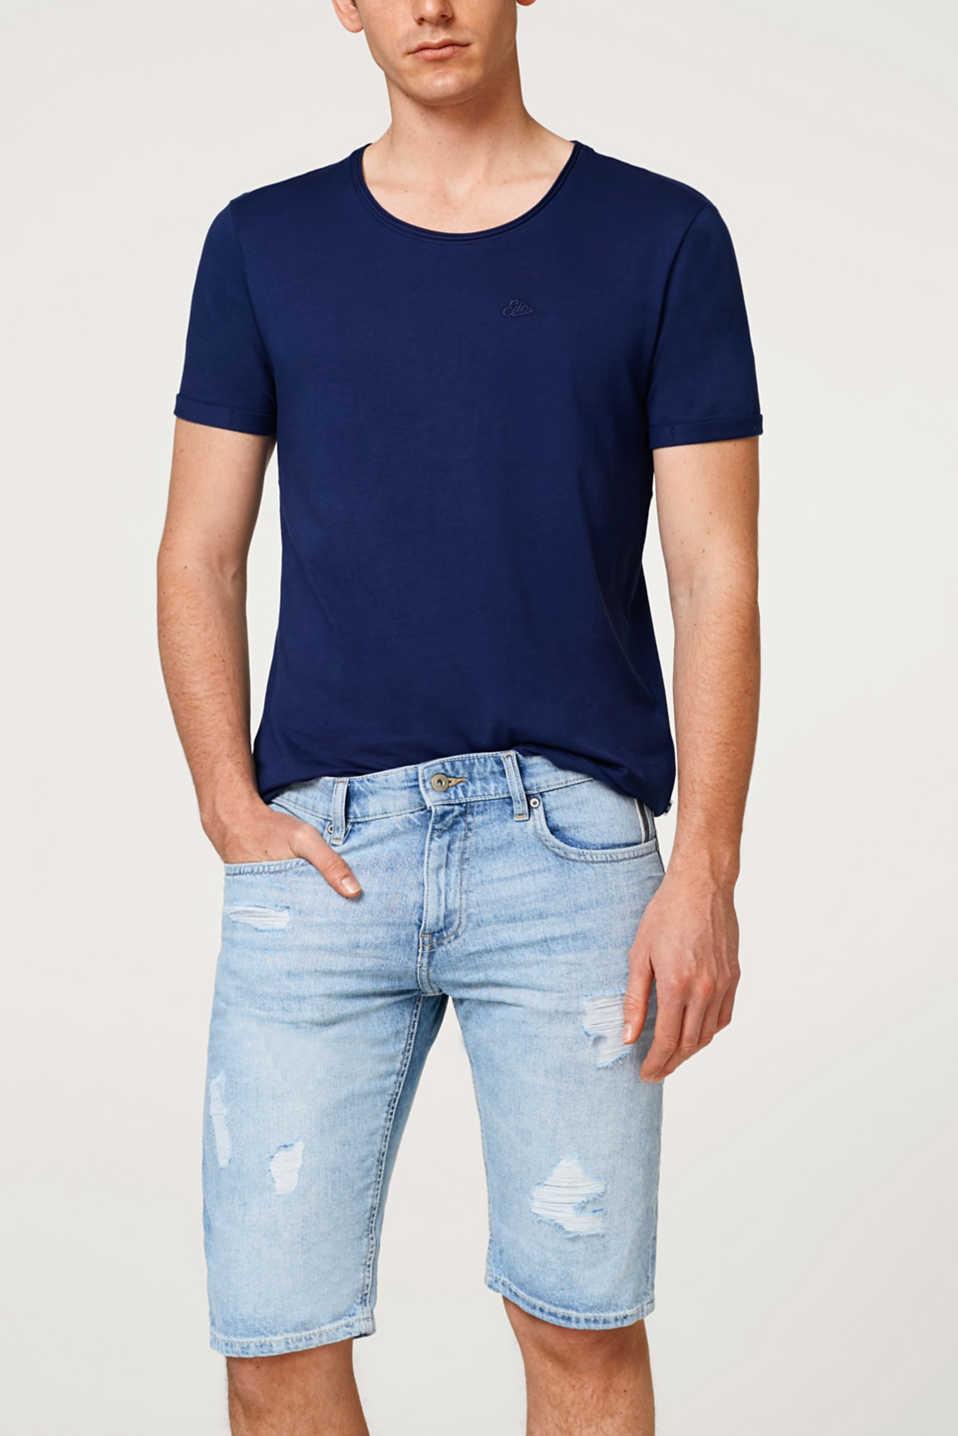 Esprit Jeans Short für 19,99